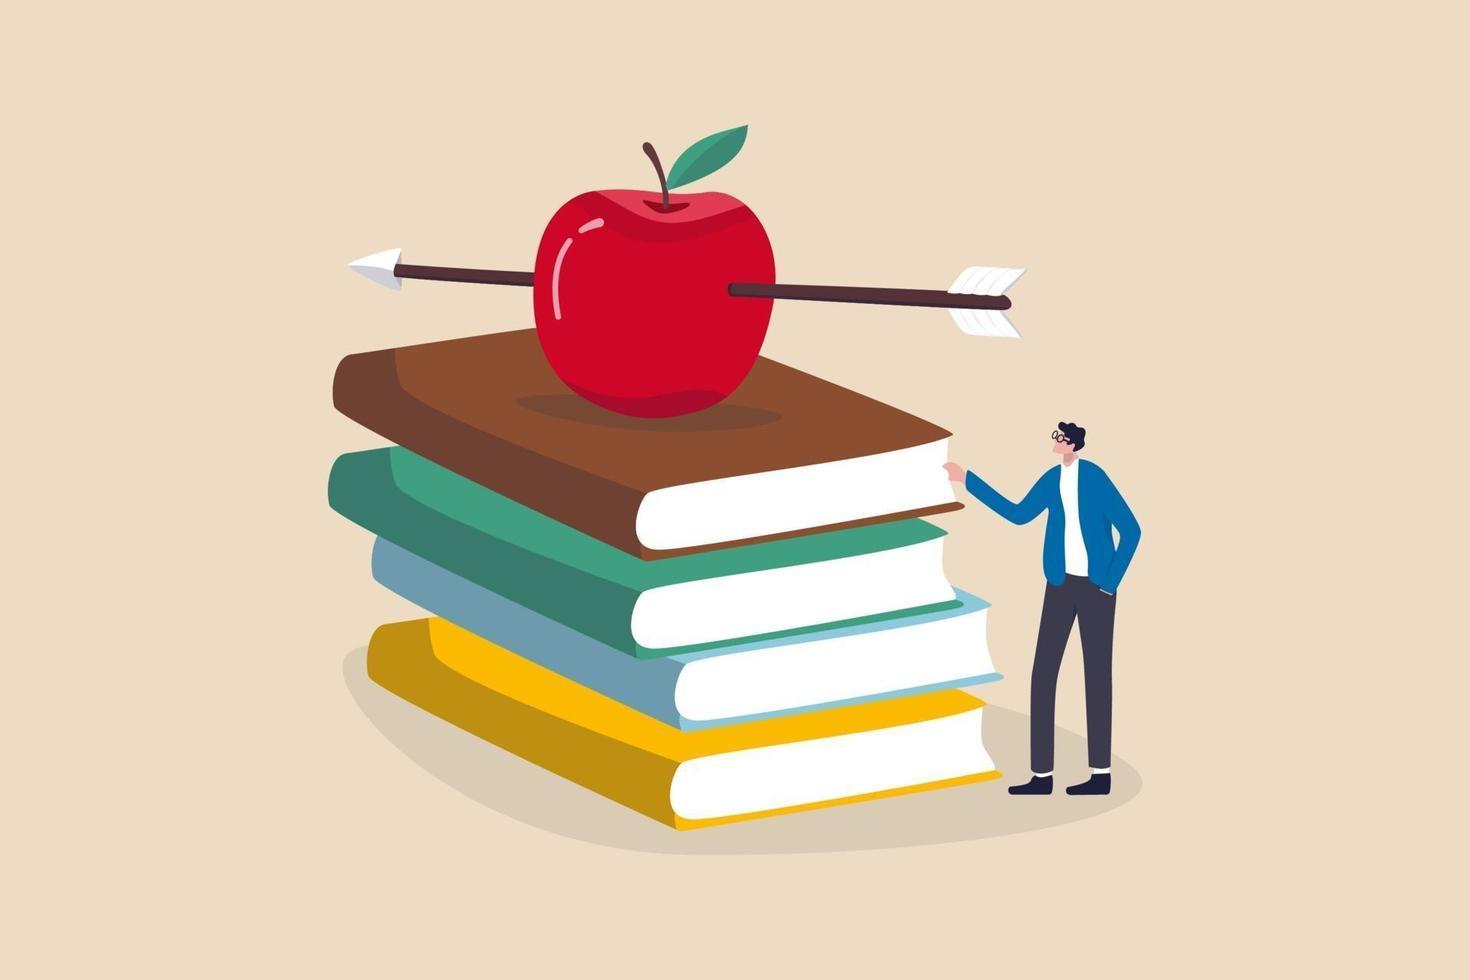 kunskap, utbildning, akademiskt och stipendiekoncept, smart lärare eller professor som väntar på undervisningsklassen som står med bågskyttepil som slår rätt på rött äpple på bunt med läroböcker. vektor